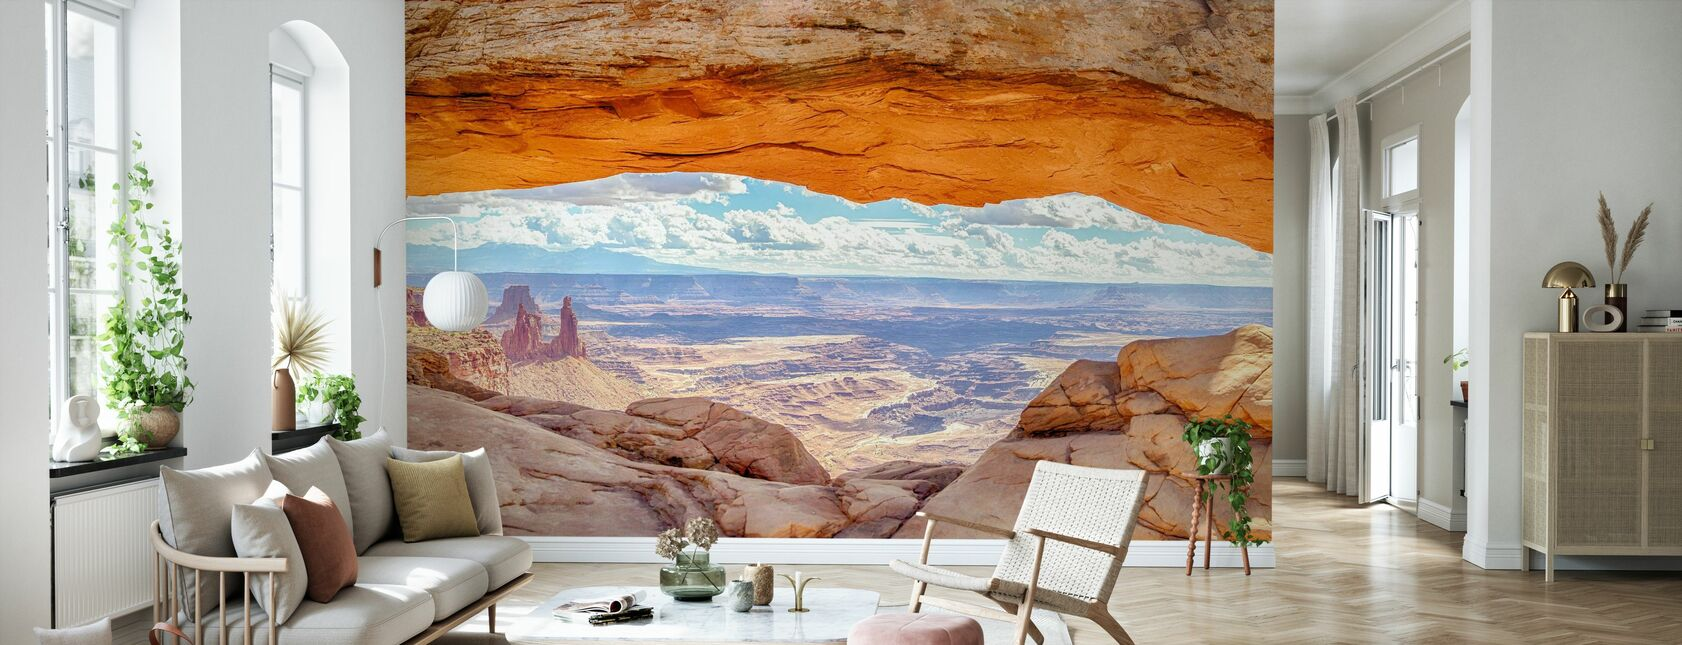 Mesa Arch auringonnousussa - Tapetti - Olohuone